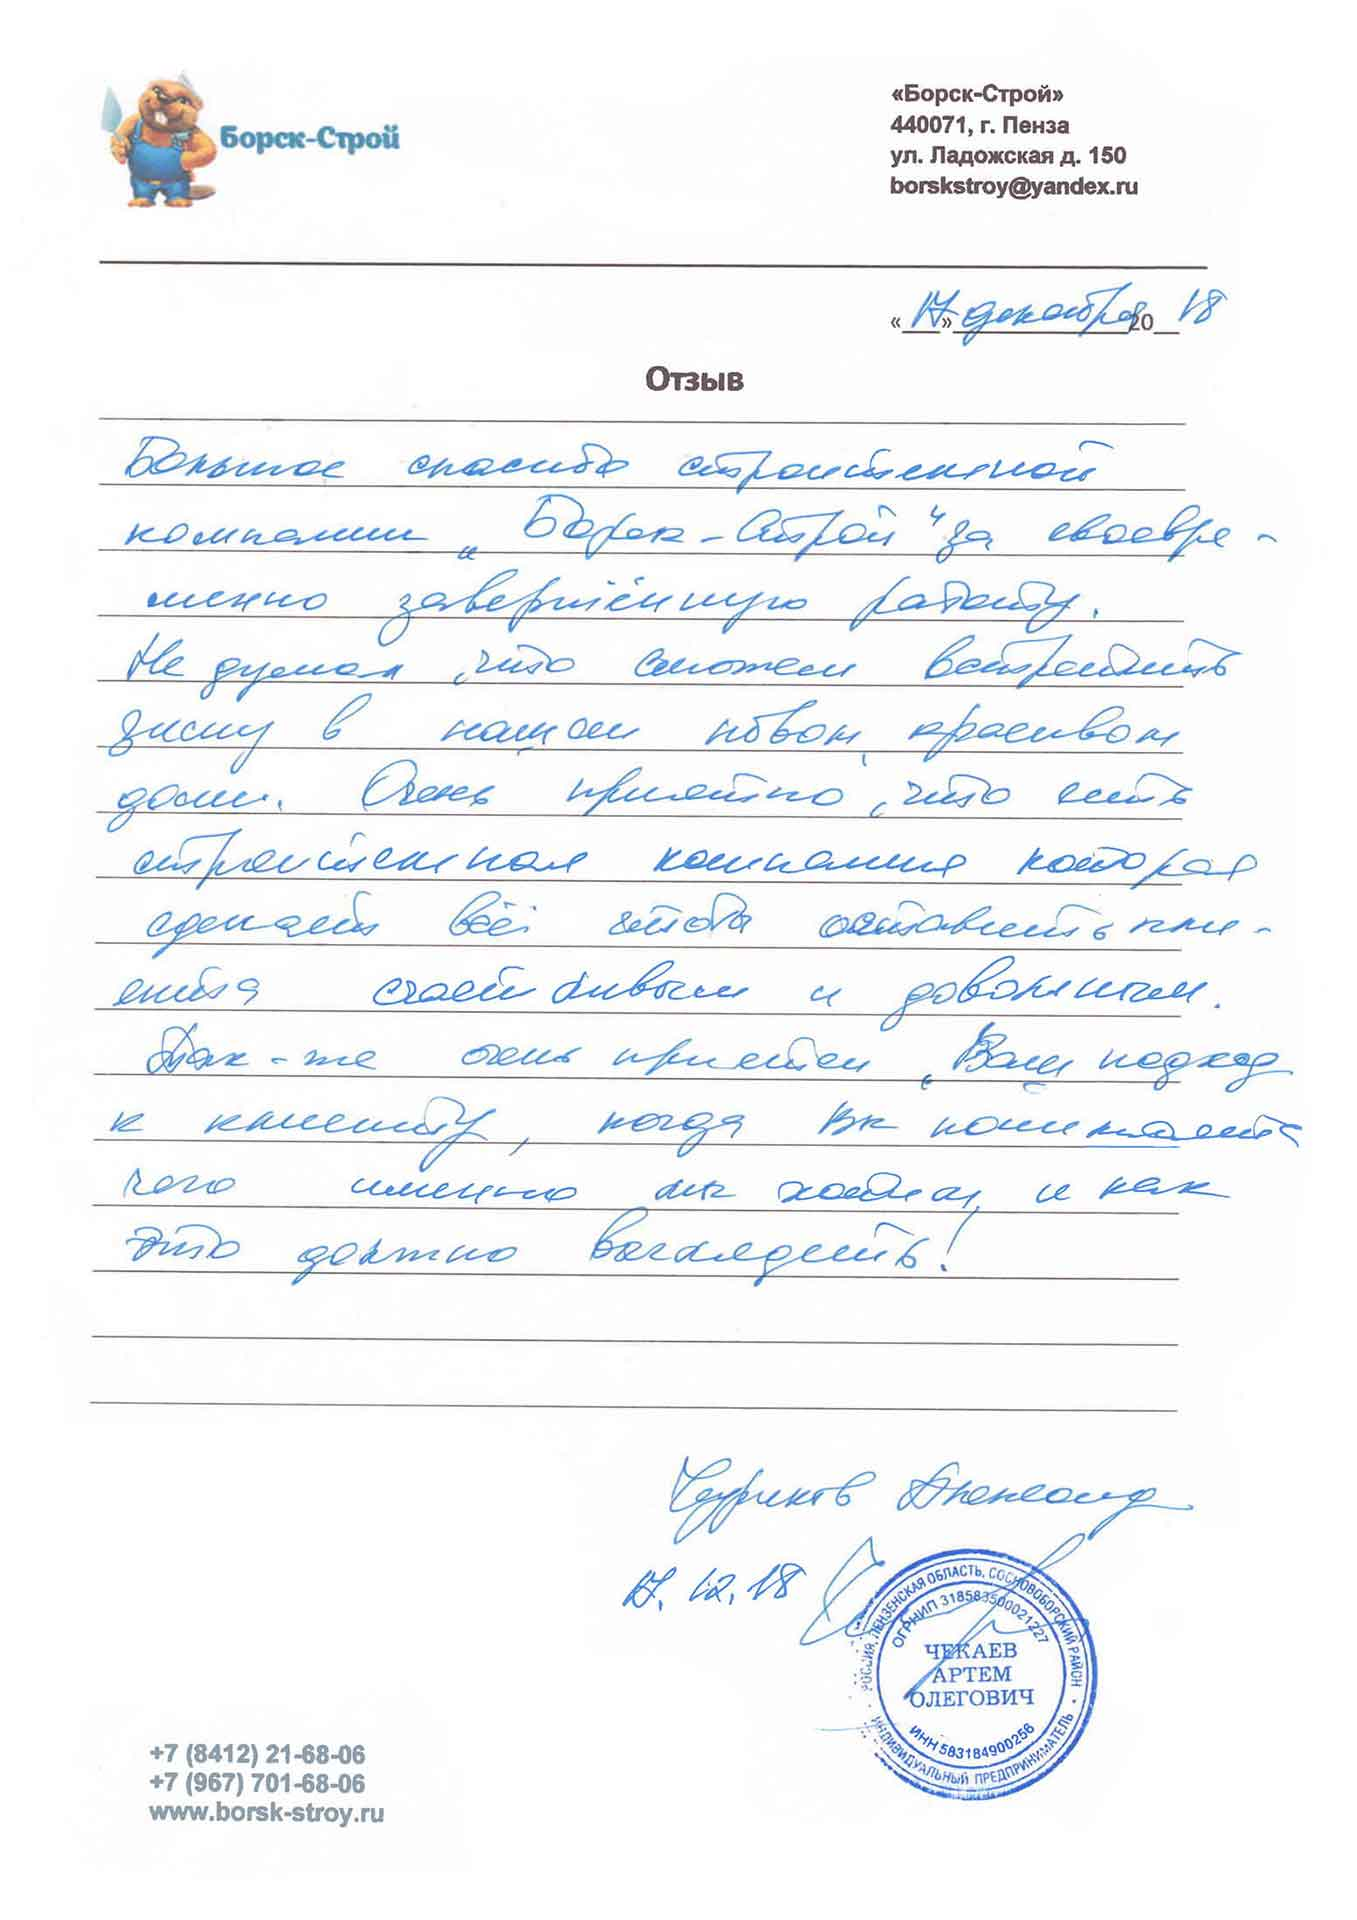 Чуриков Александр